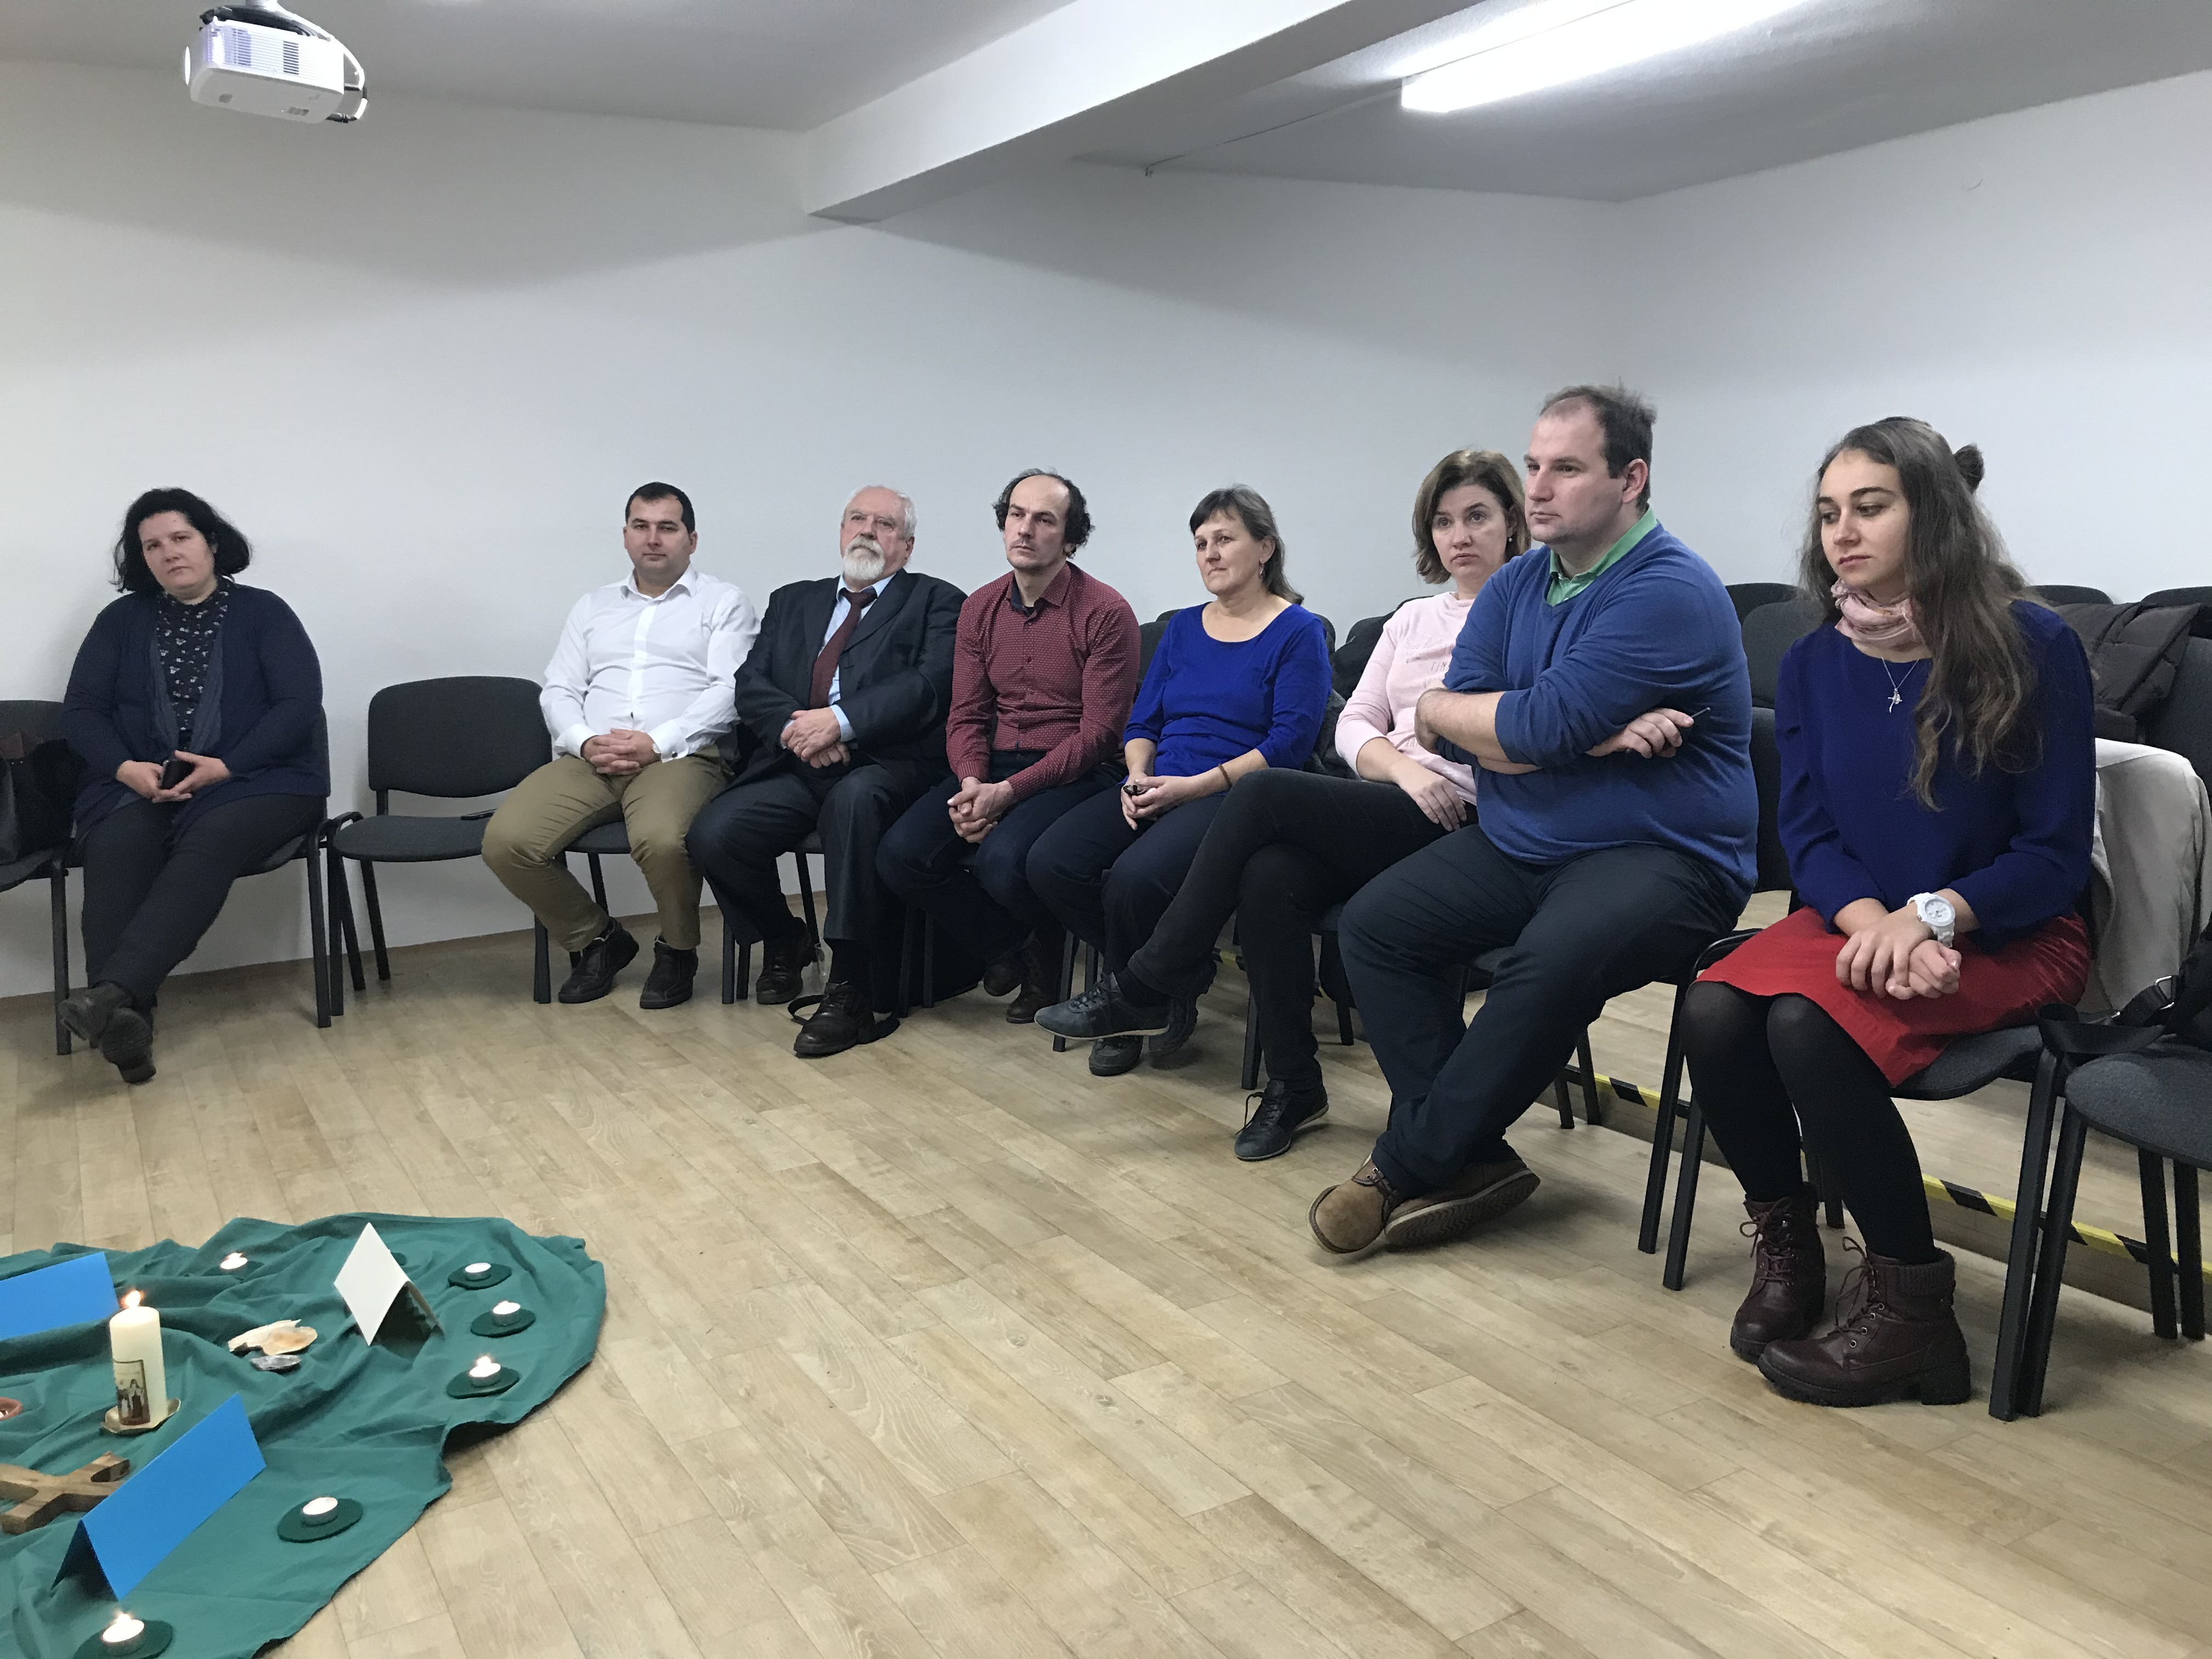 Fórum kresťanských inštitúcií chystá založenie vidieckeho kresťanského hnutia